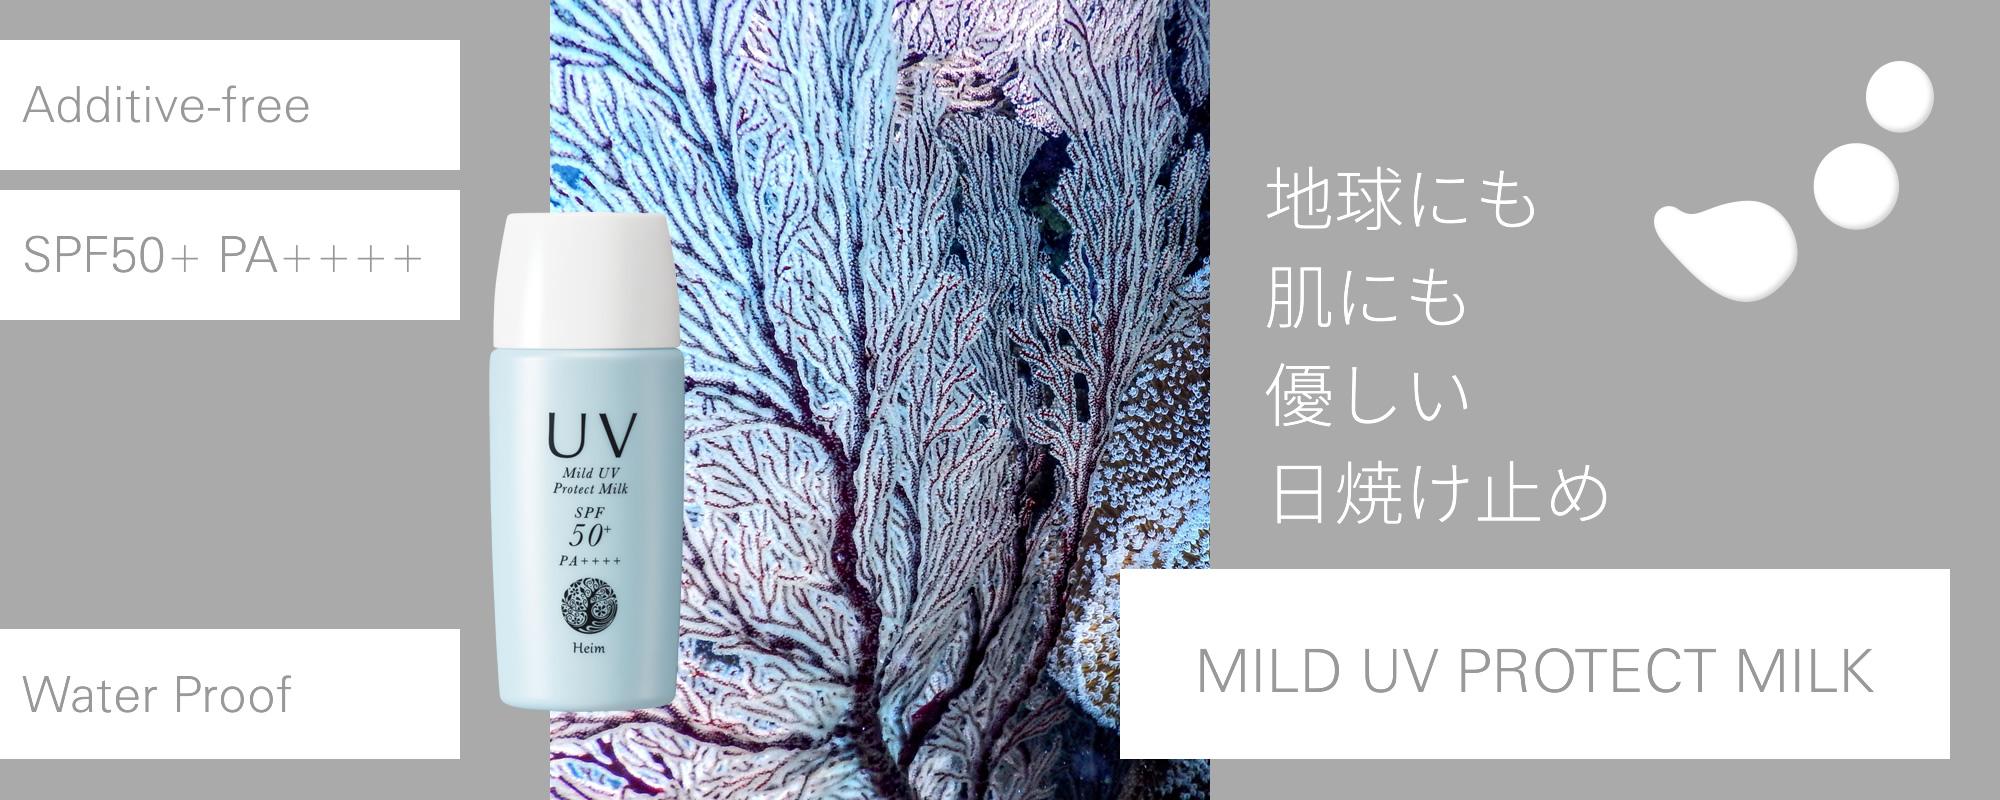 地球にも肌にも優しい日焼け止め マイルドUVプロテクトミルク/SPF50+ PA++++/無添加/ウォータープルーフ